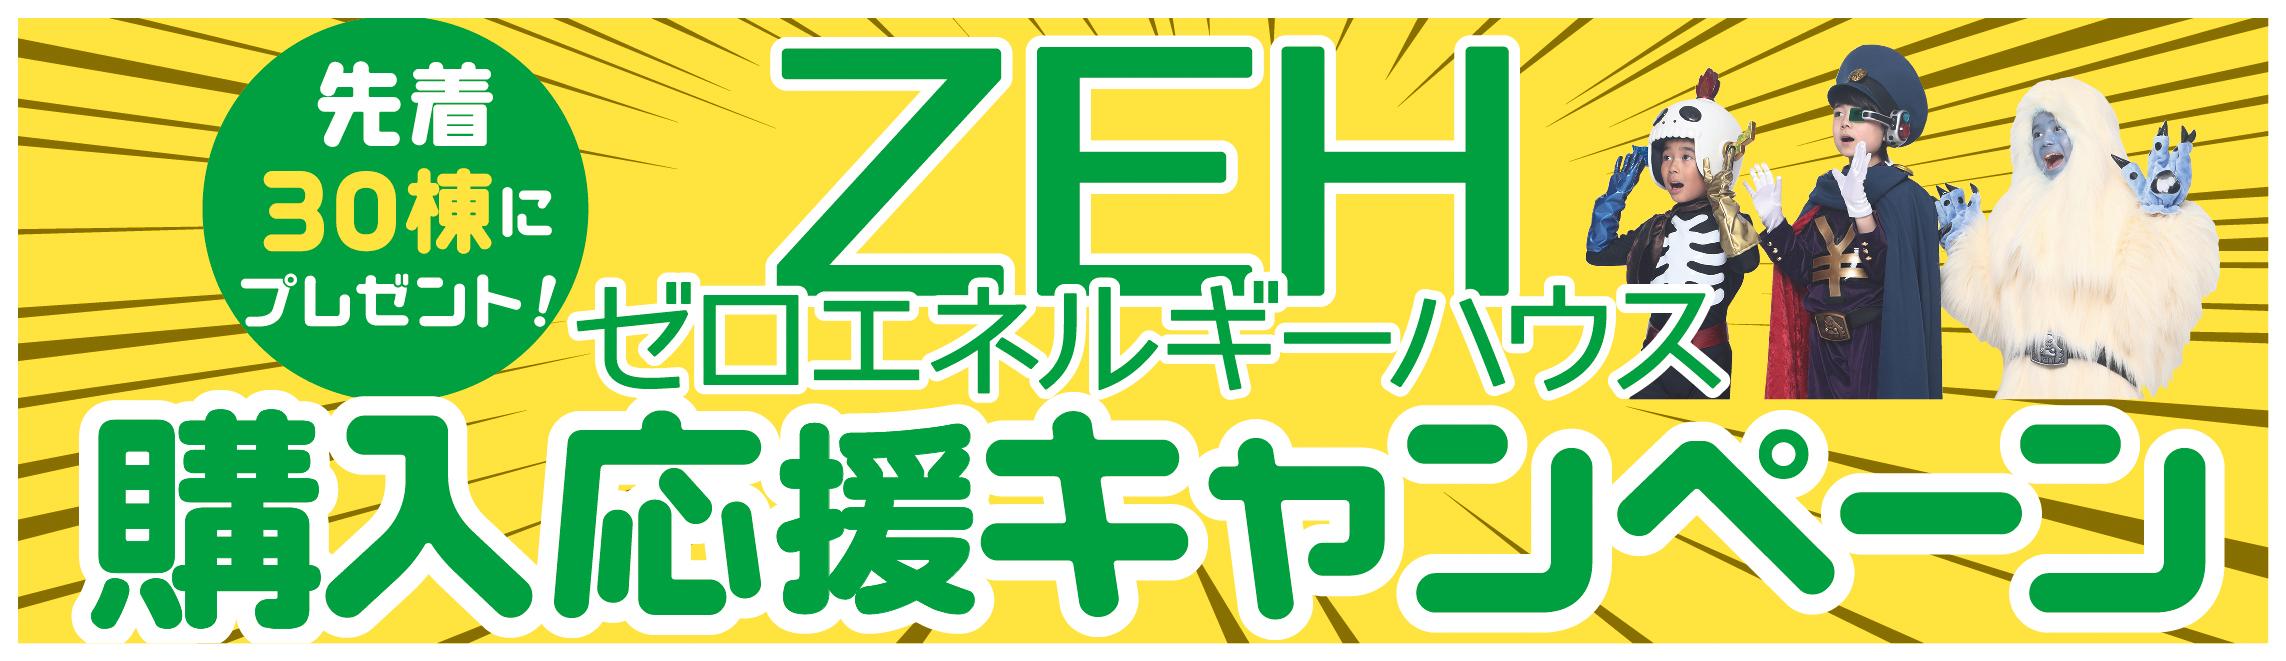 ZEH ゼロエネルギーハウス住宅購入応援